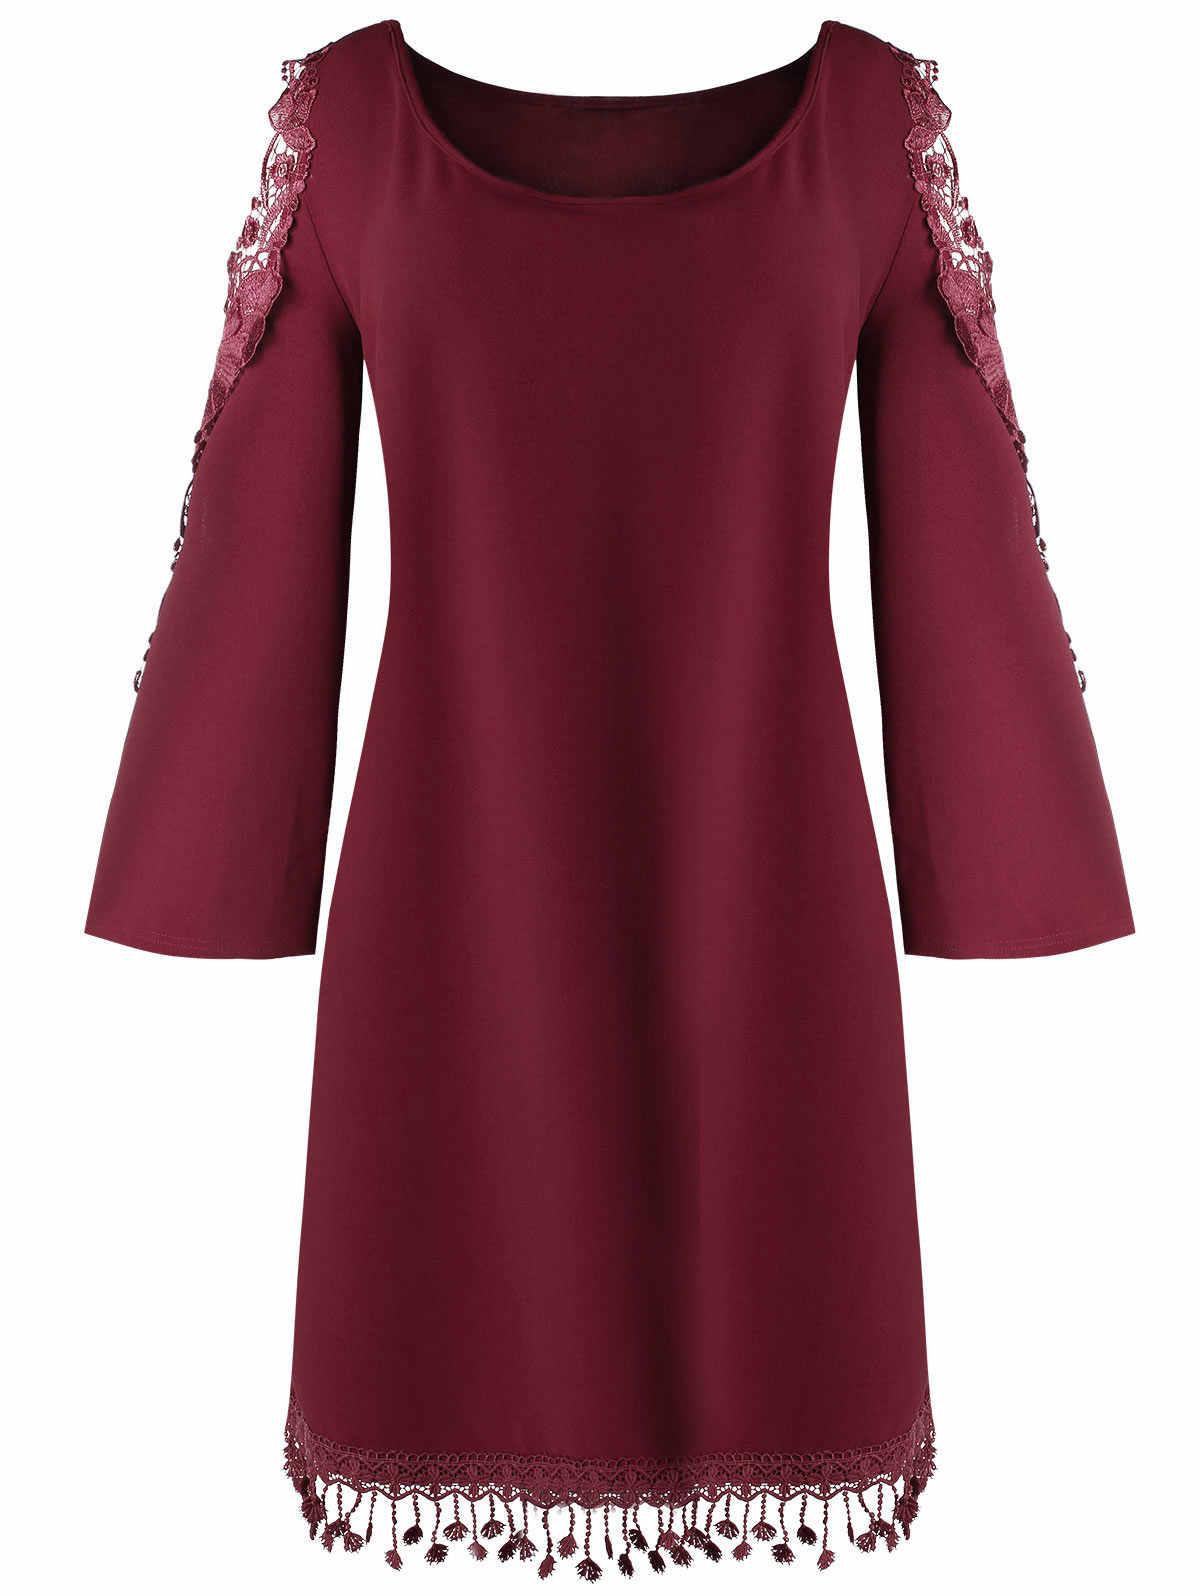 Wipalo для женщин; Большие размеры 5XL кружева Панель Cold Shoulder Shift Dress расклешенные рукава Аппликации Повседневное твердые прямой платье Vestidos